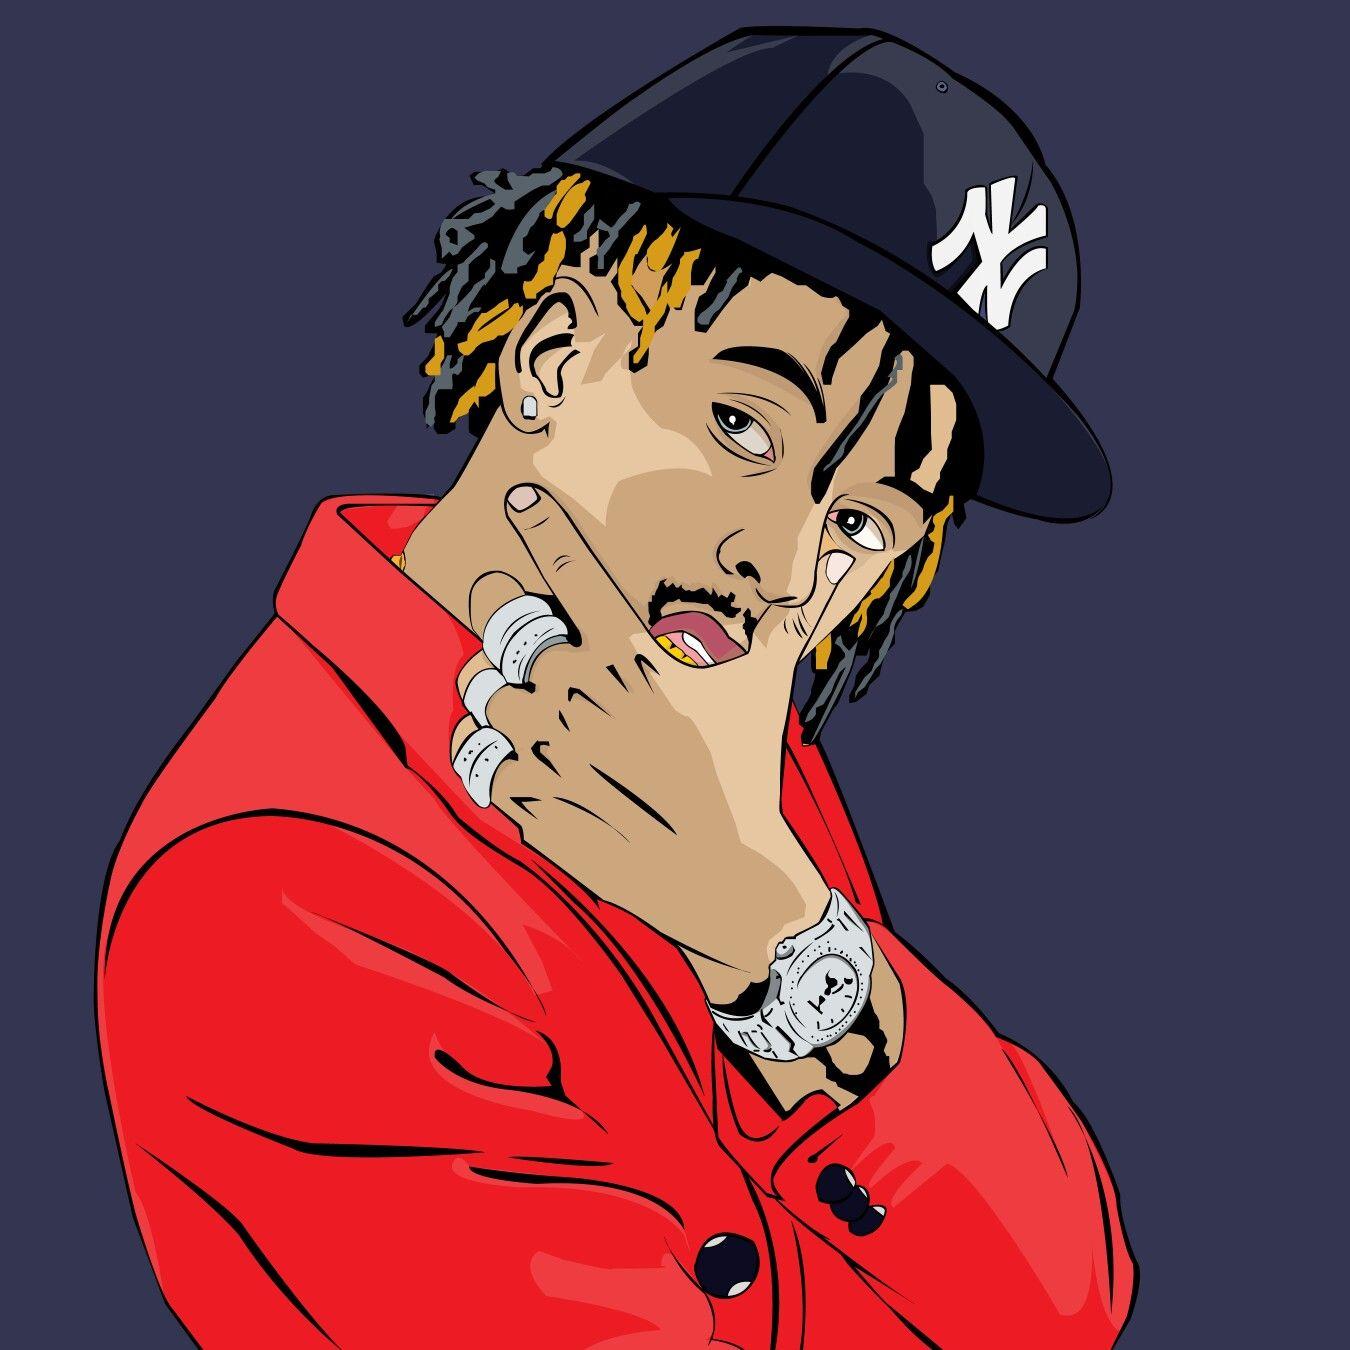 Rich The Kid Art By Paulkawira Lil Skies Swag Cartoon Rapper Art